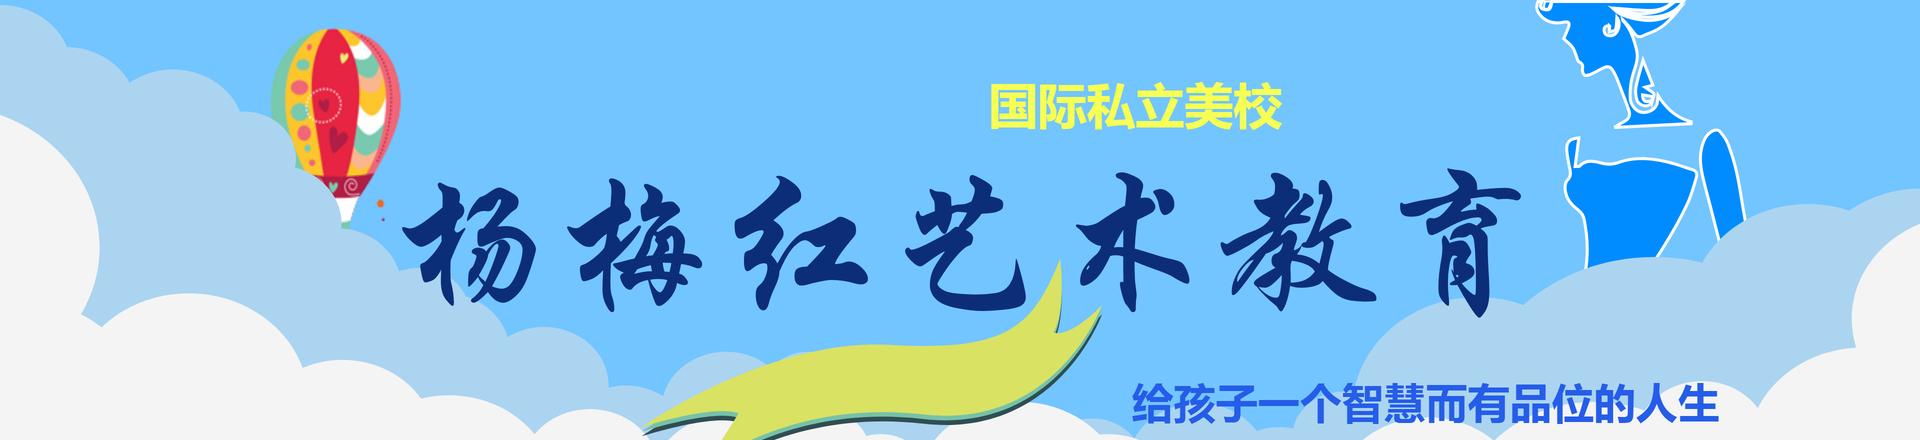 潍坊寿光万达杨梅红国际私立美校